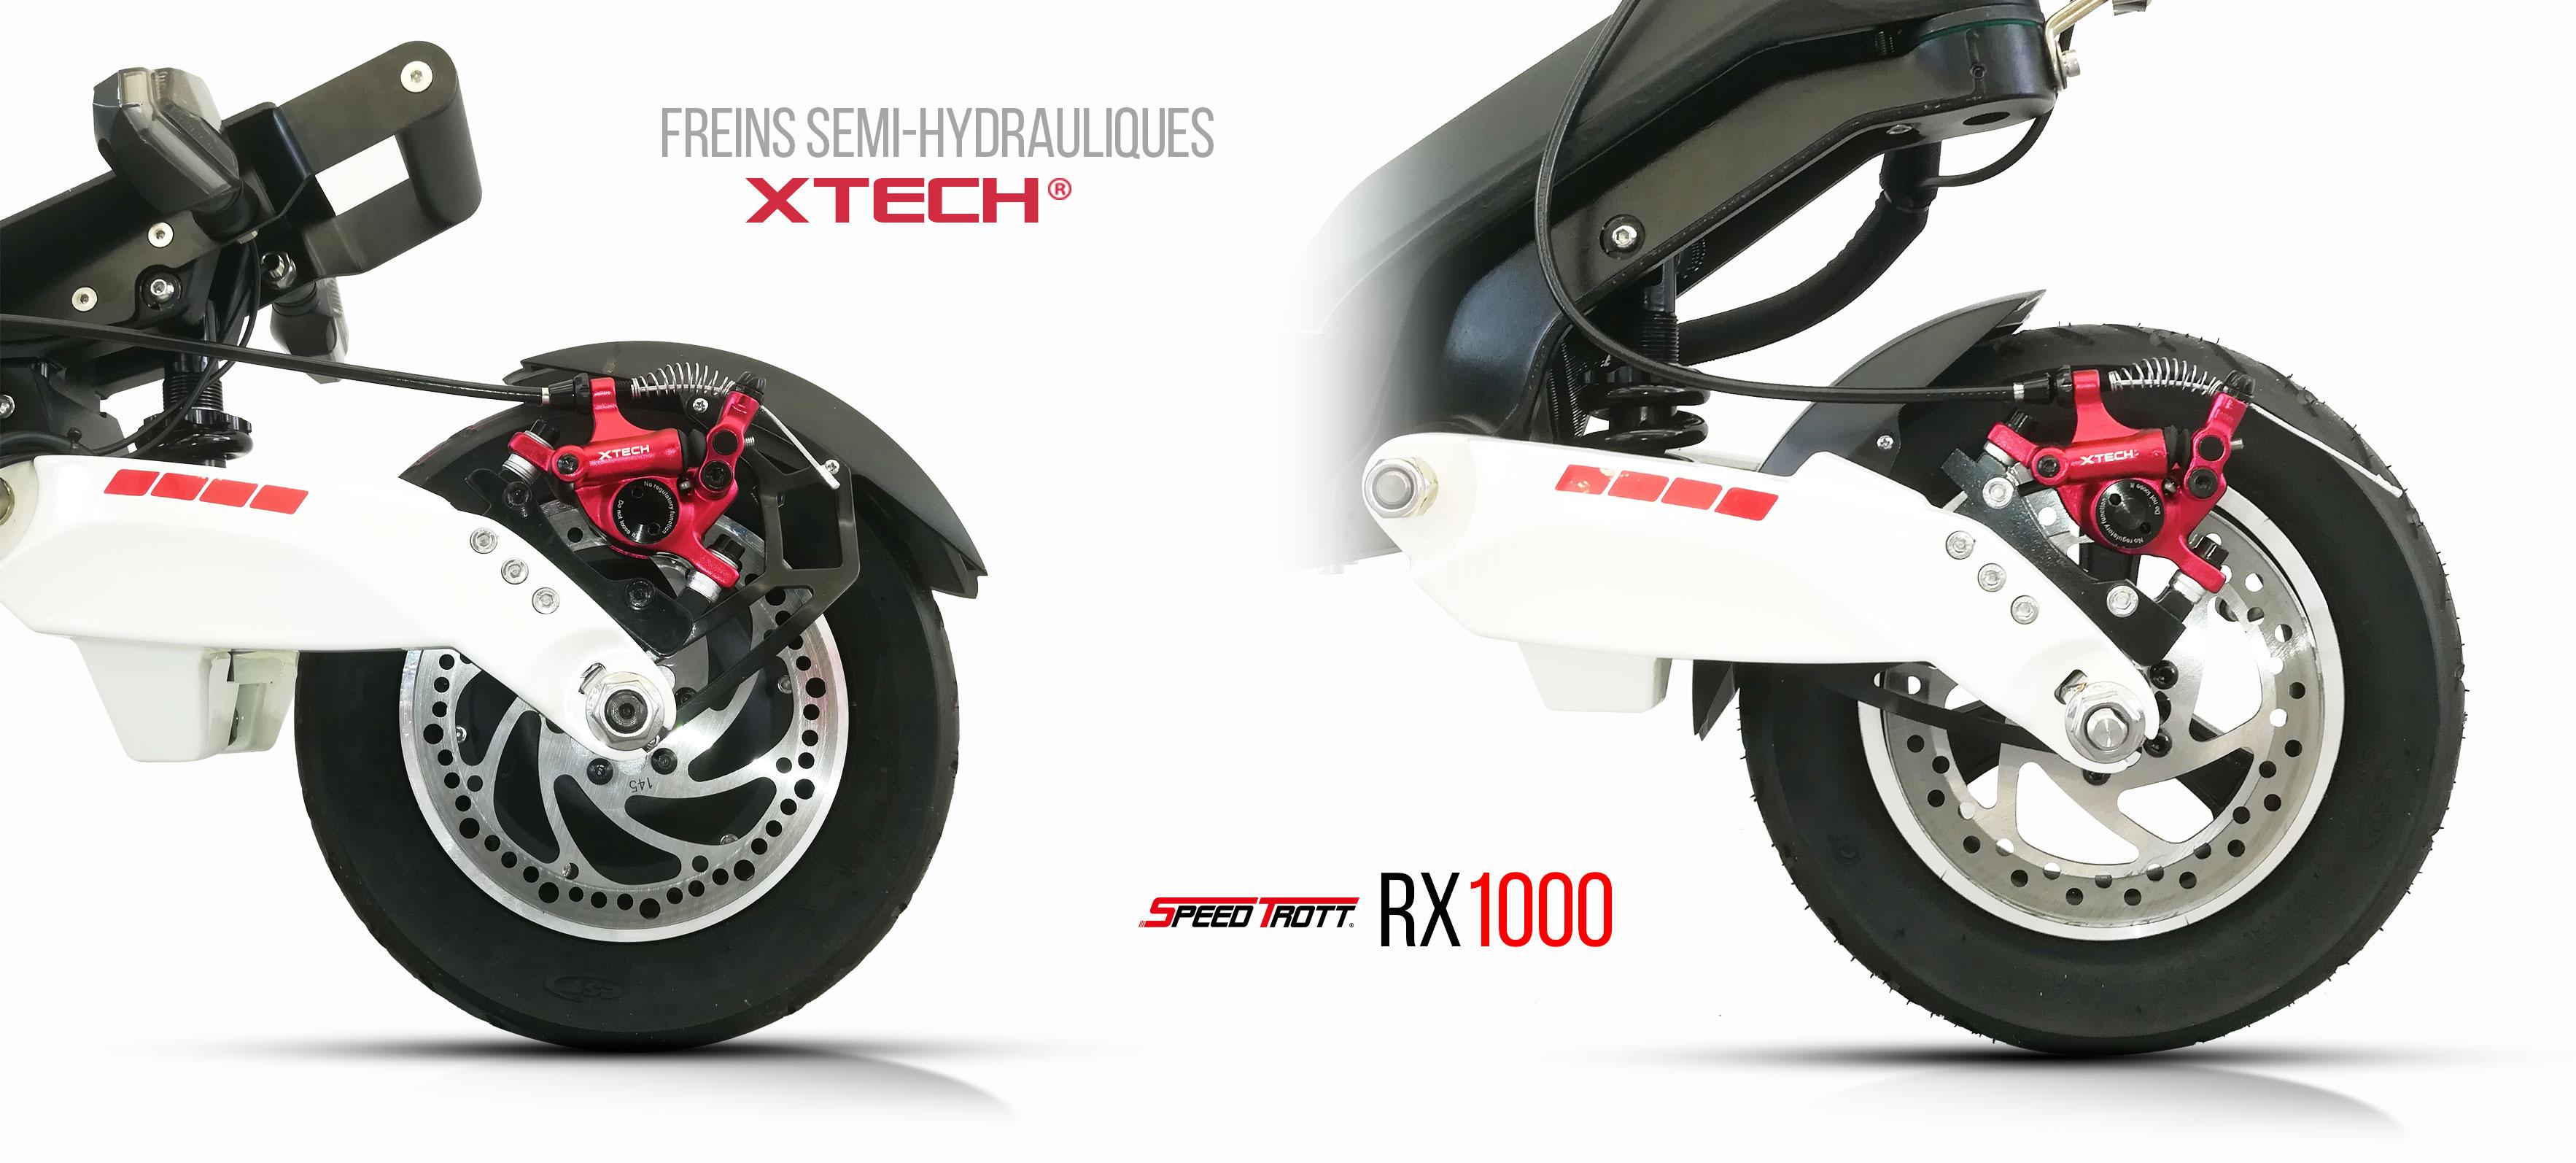 RX1000_SPEEDTROTT_04.jpg